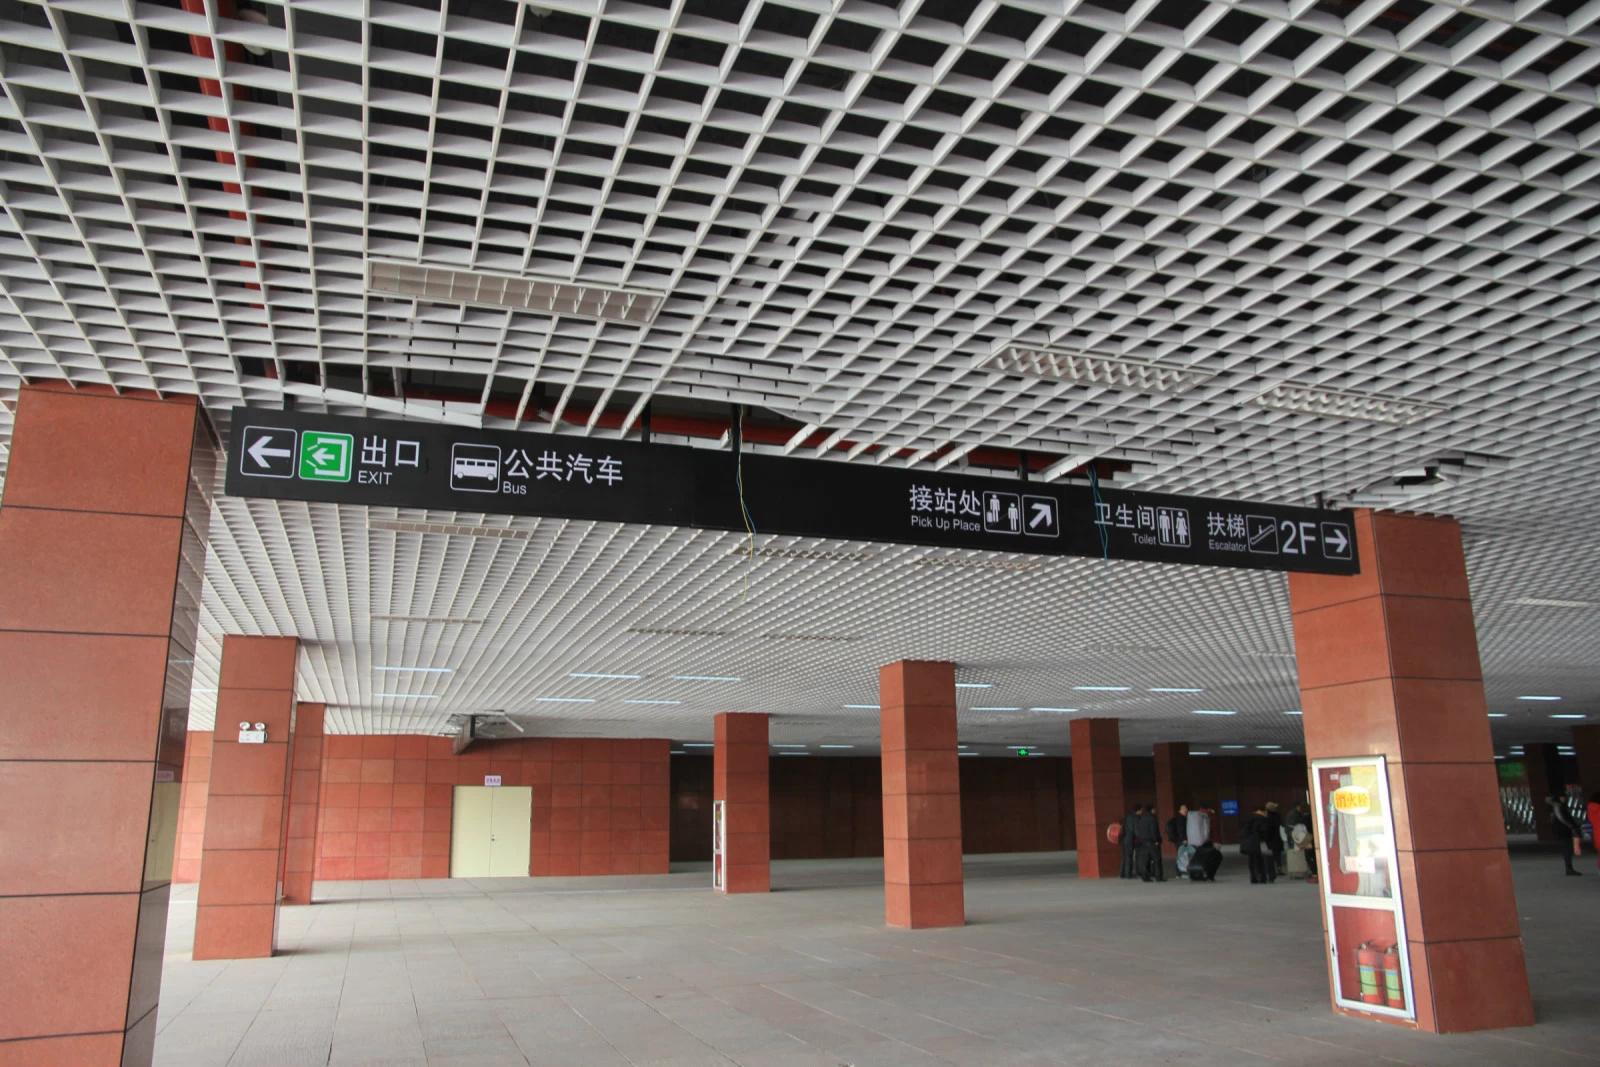 67鹰潭北站2015年春运出行攻略